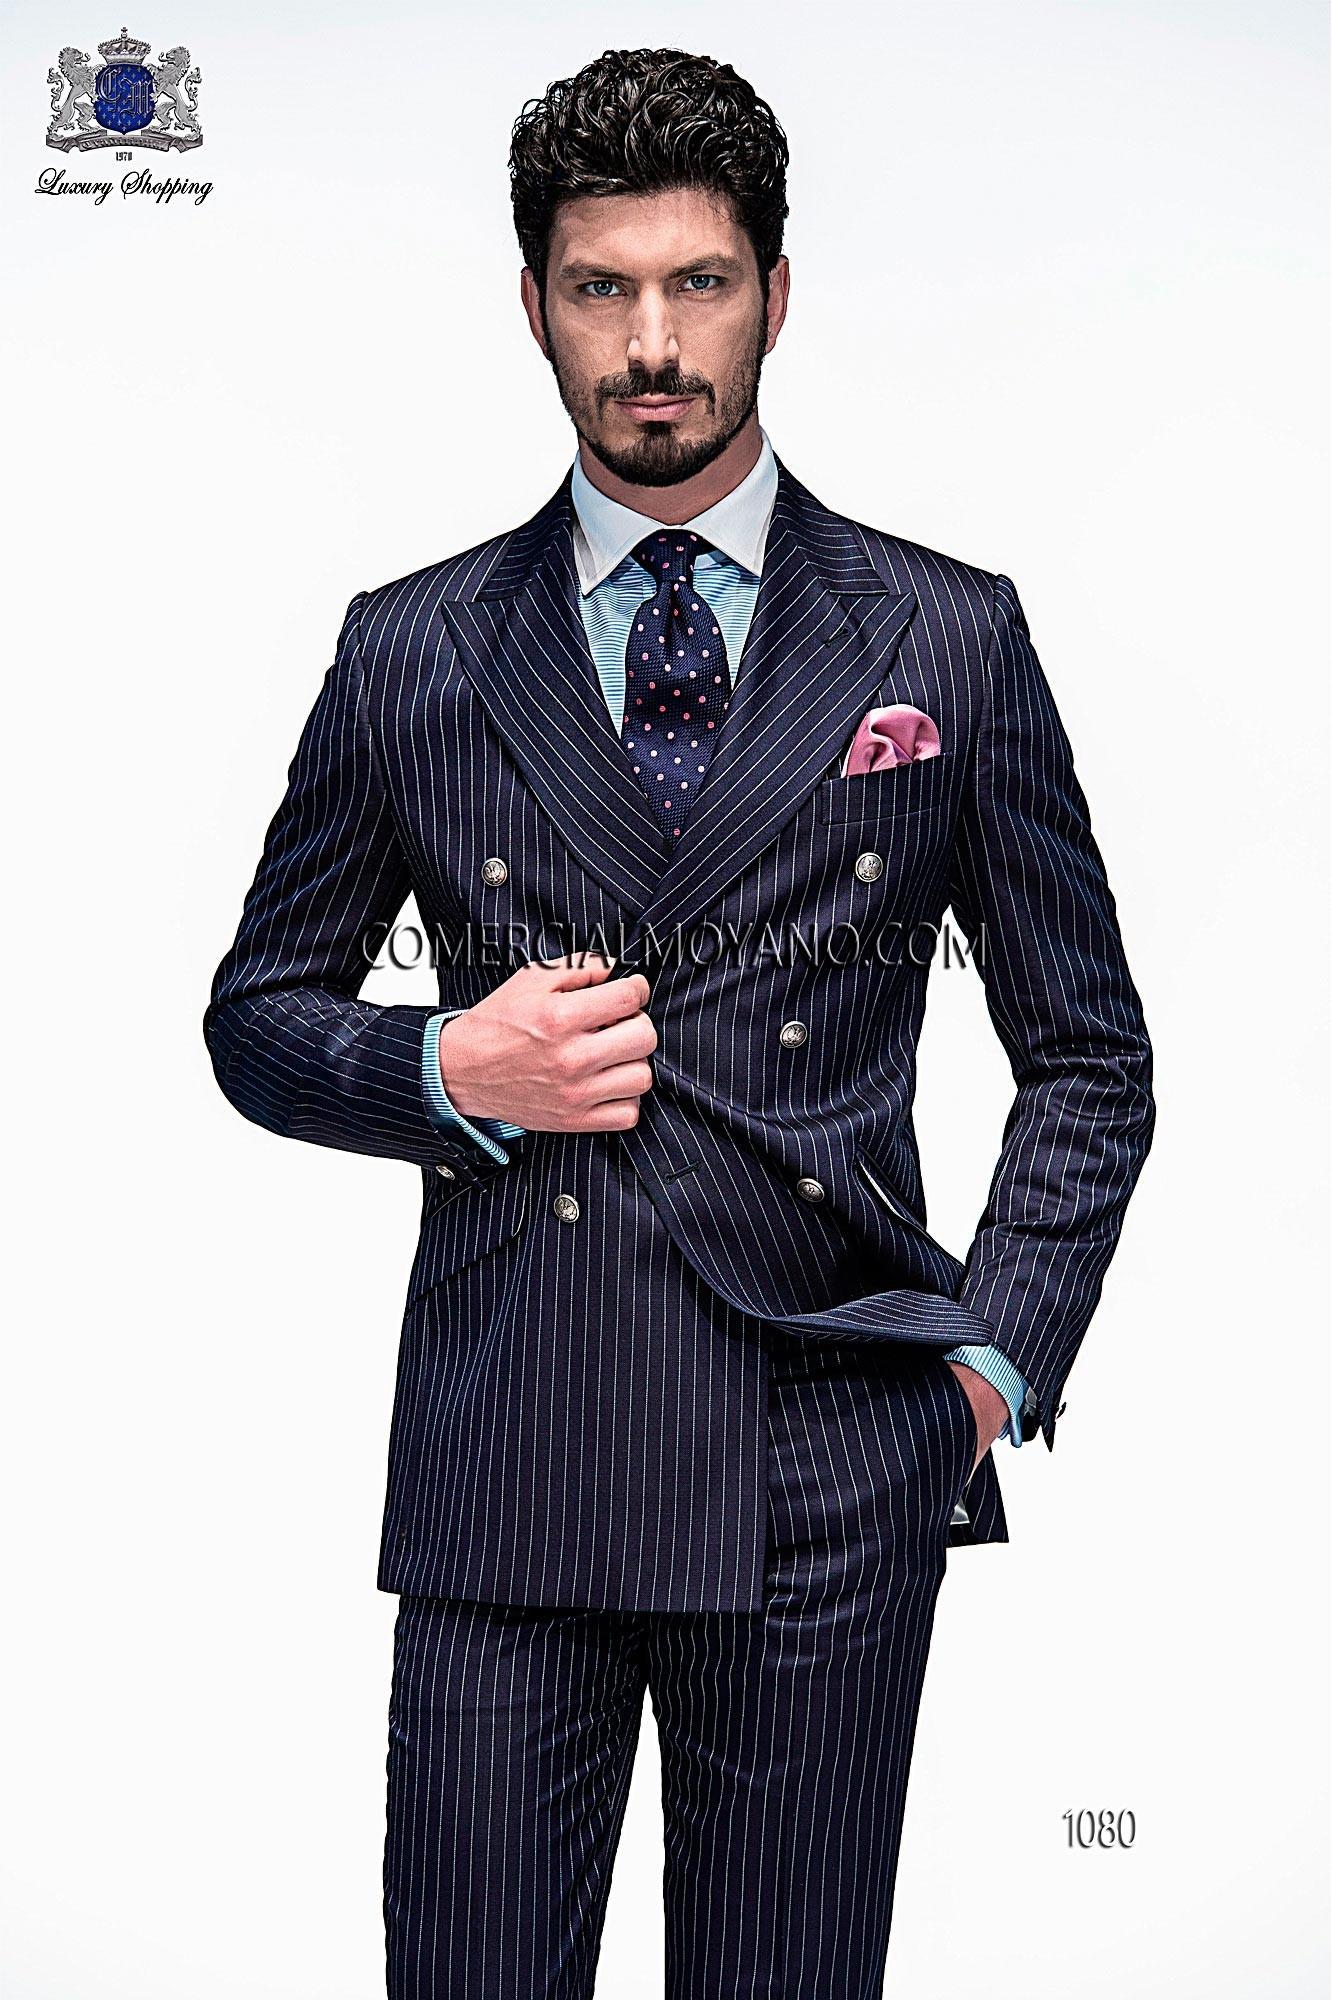 Traje de moda italiano a medida cruzado, en tejido fil a fil azul raya diplomática blanca, modelo 1080 Ottavio Nuccio Gala colección Emotion 2015.